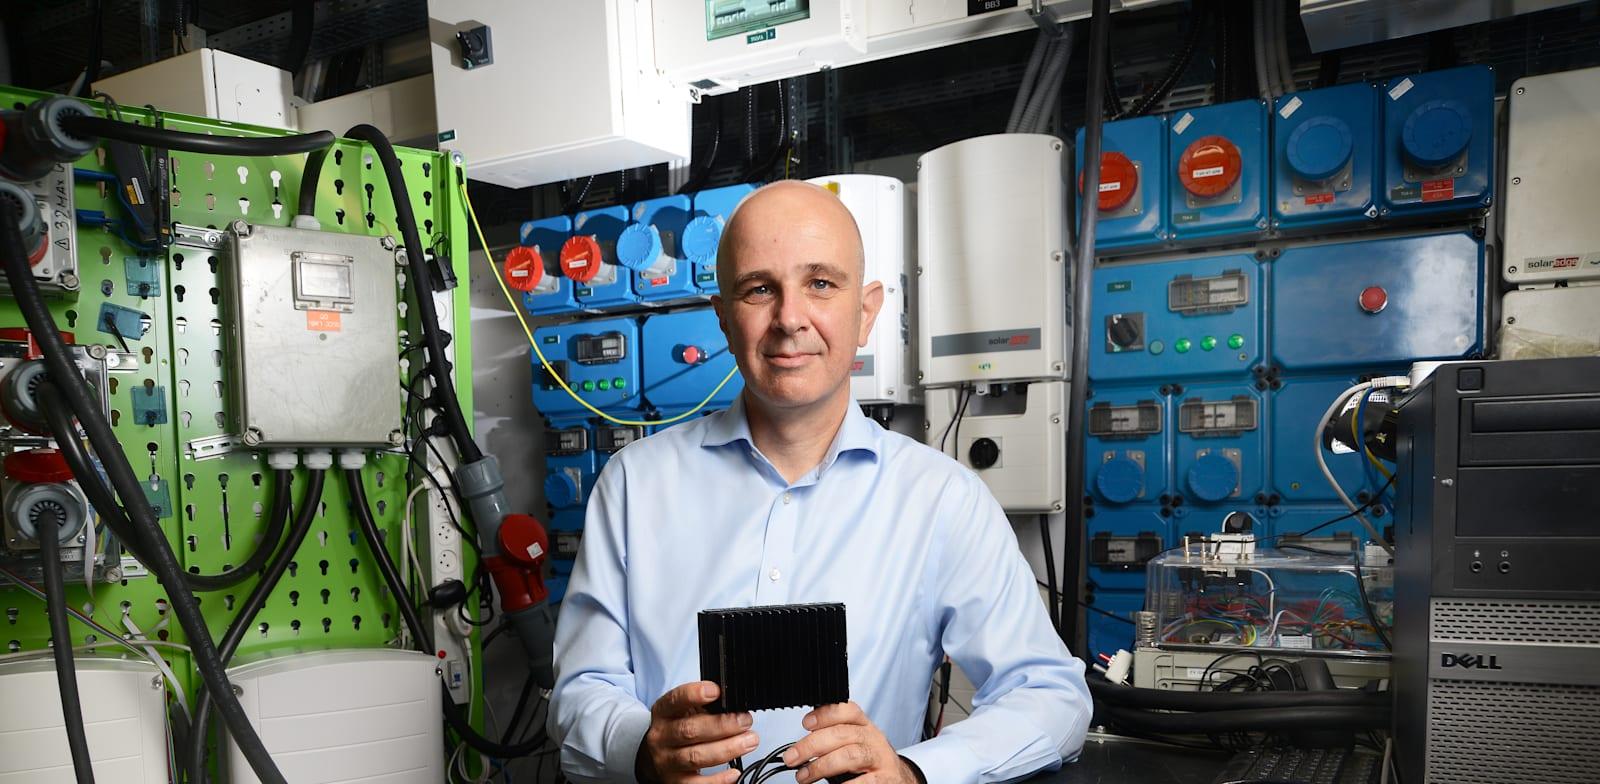 """רונן פייר, סמנכ""""ל הכספים של חברת סולאראדג' / צילום: איל יצהר"""